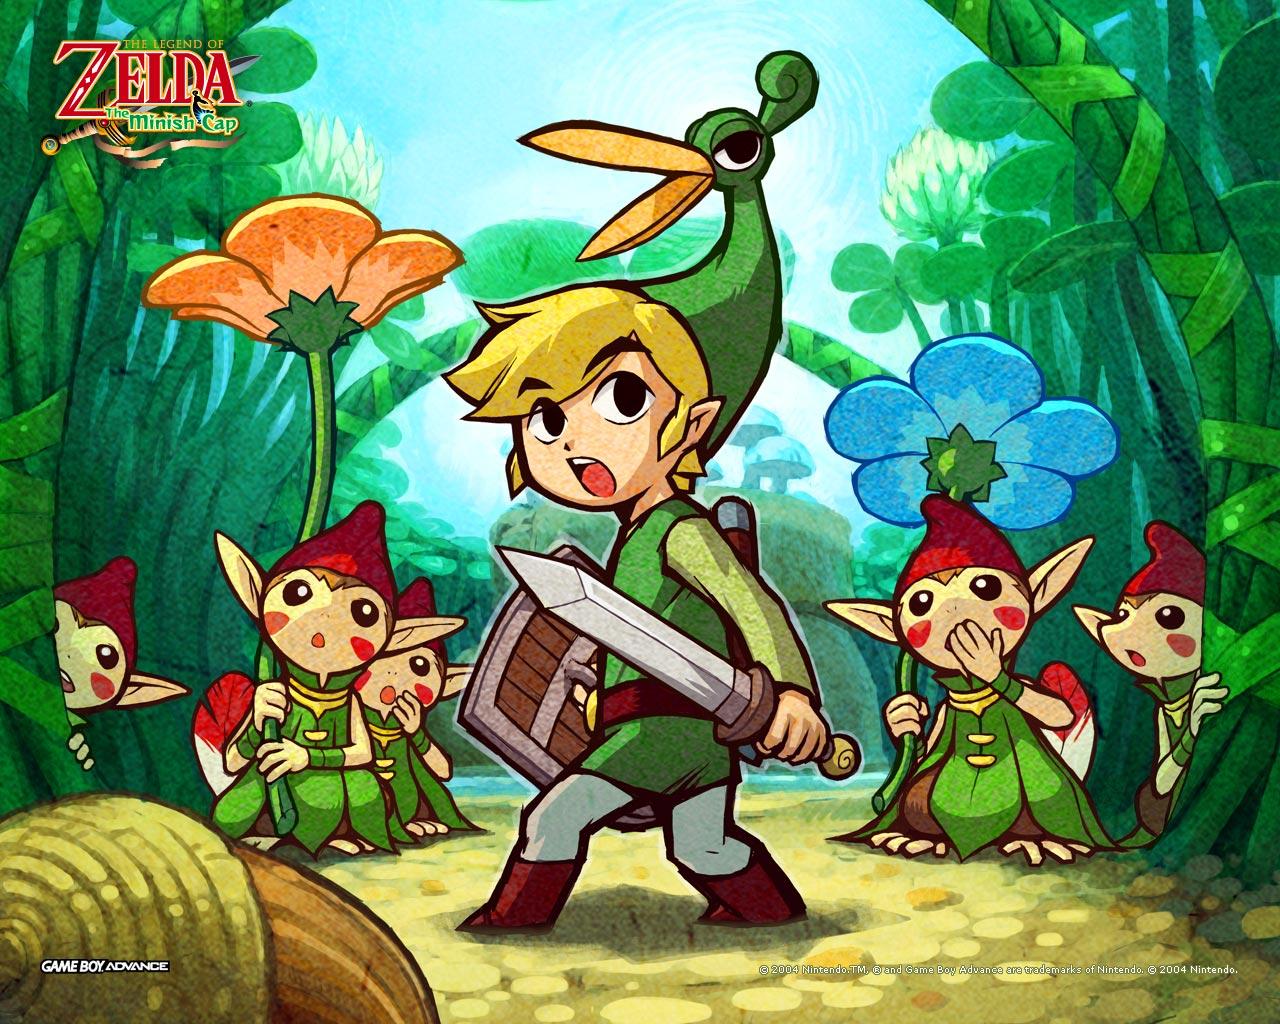 Zelda, la princesa del reino de Hyrule, quiere invitar a Link, su ...